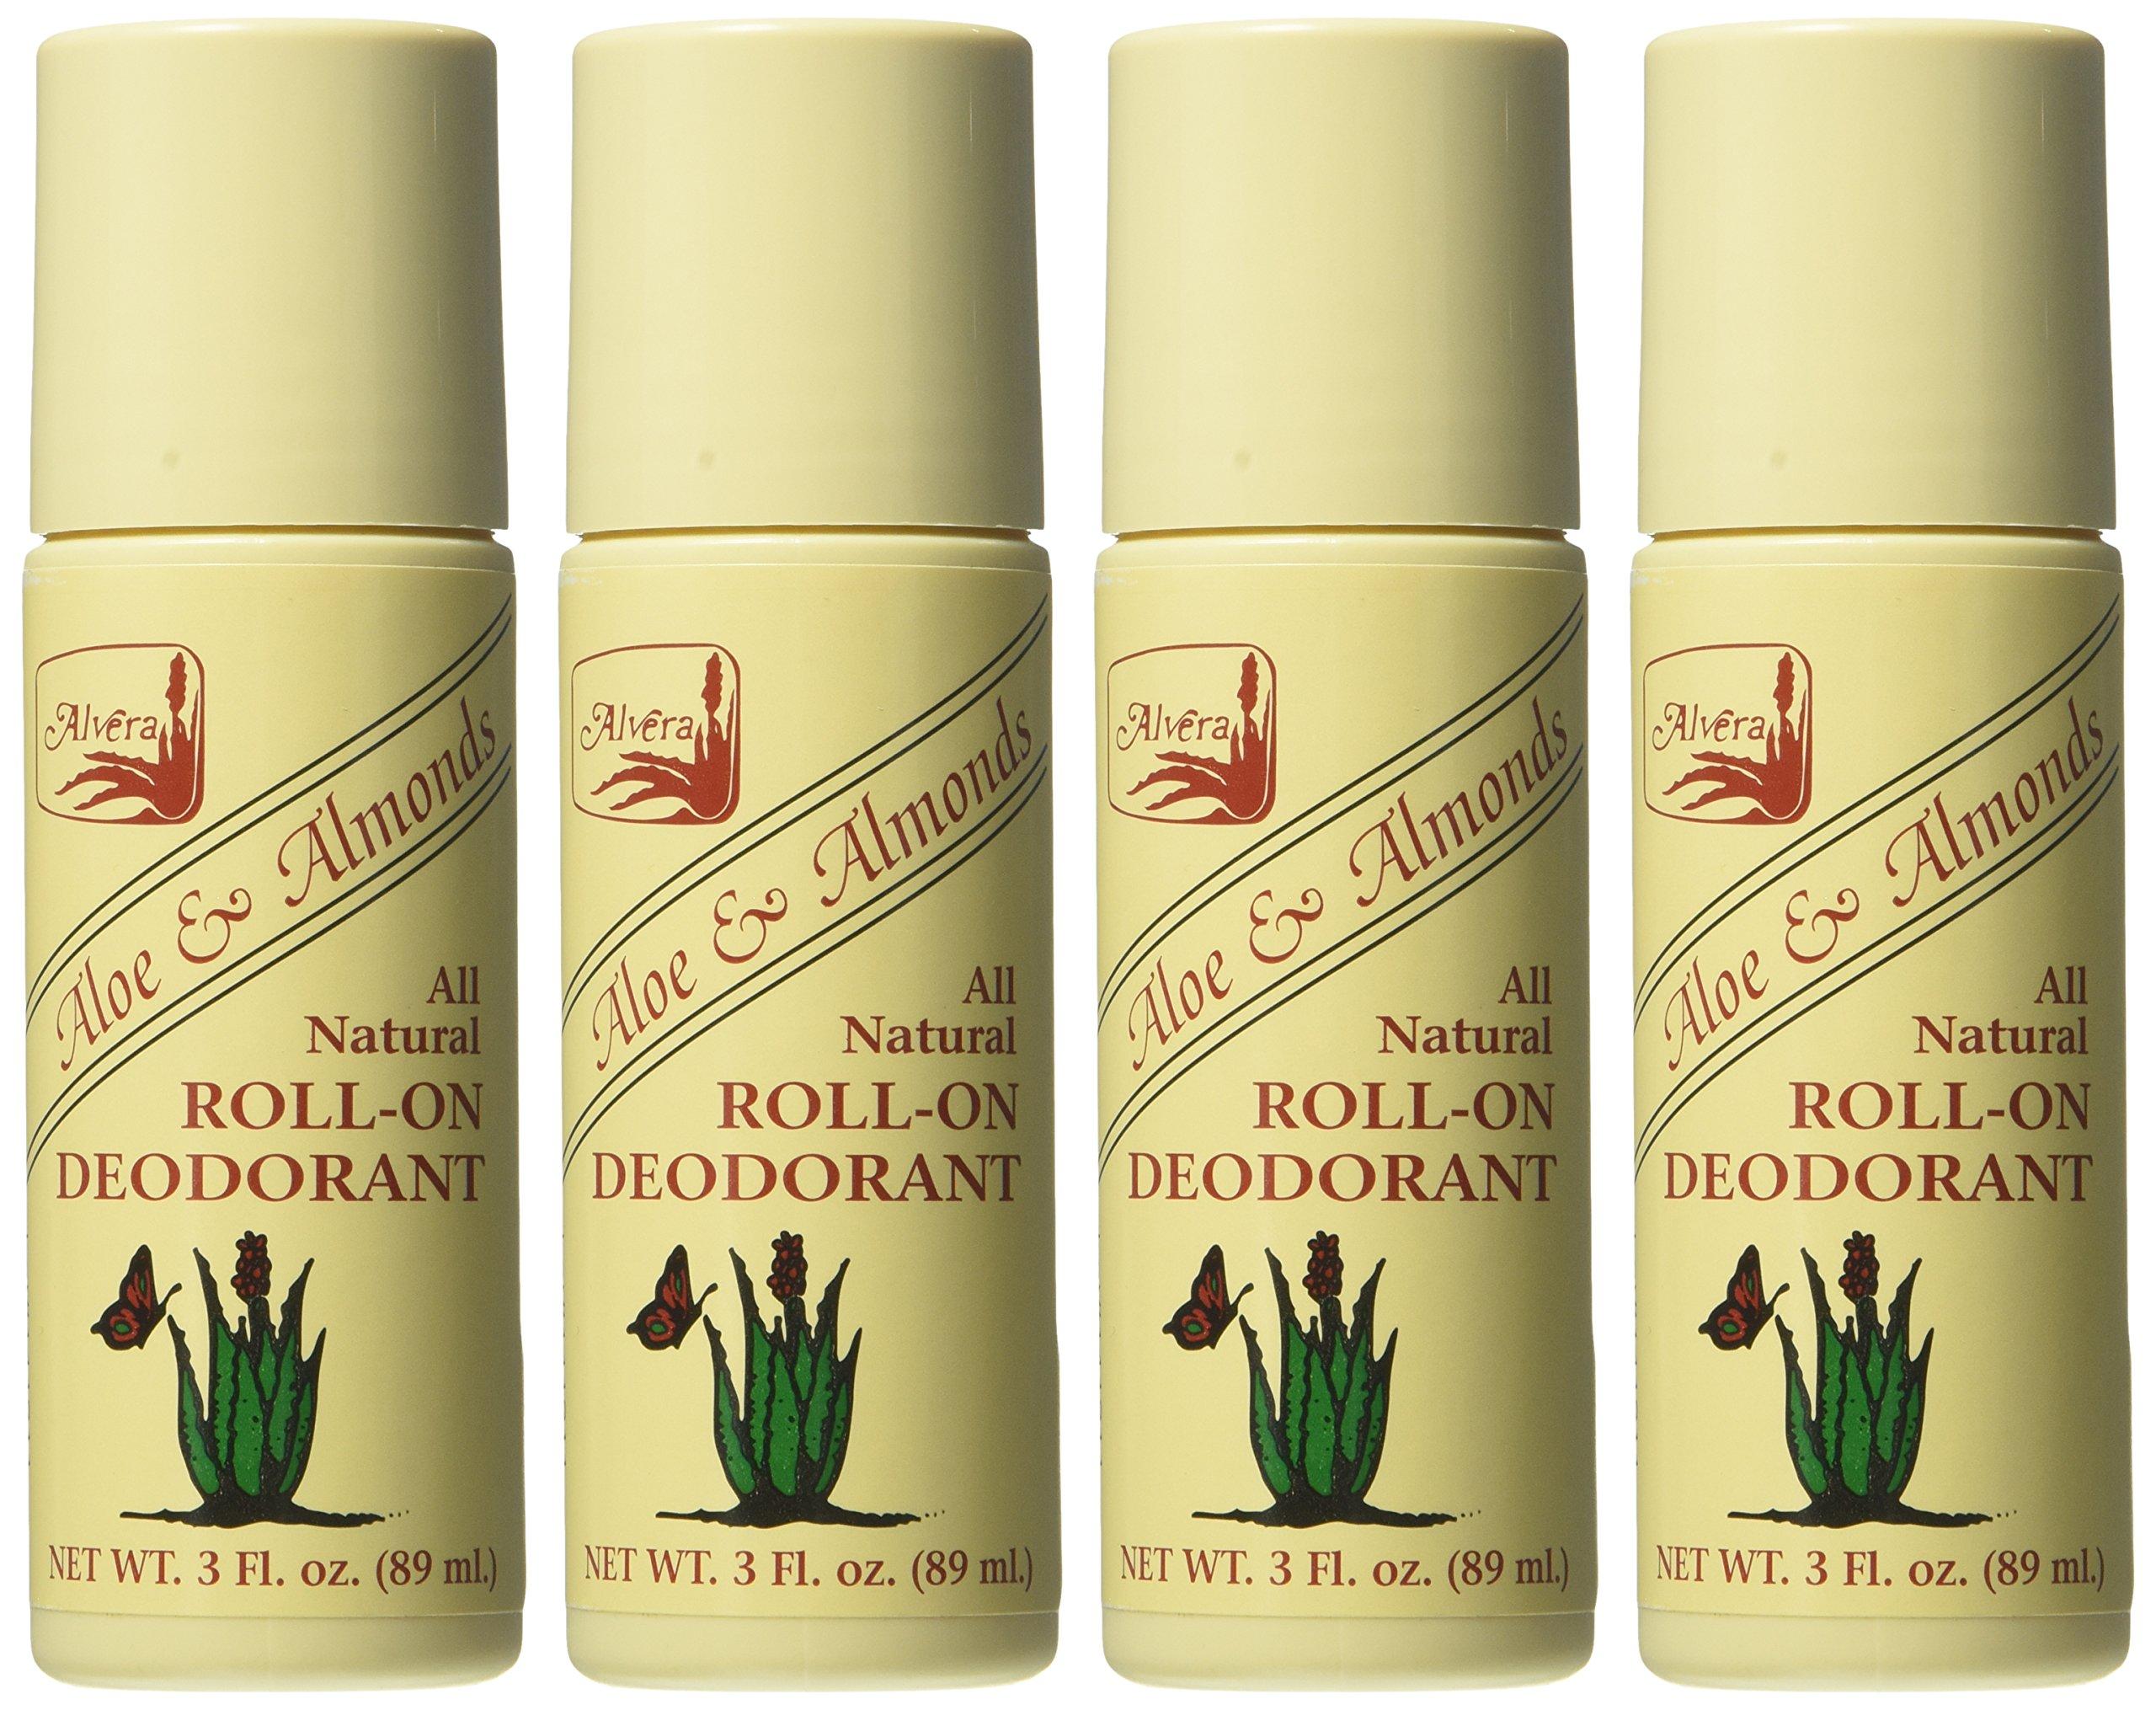 Alvera All Natural Roll-On Deodorant Aloe & Almonds - 3 Fl Oz, 4 pack by Alvera (Image #2)